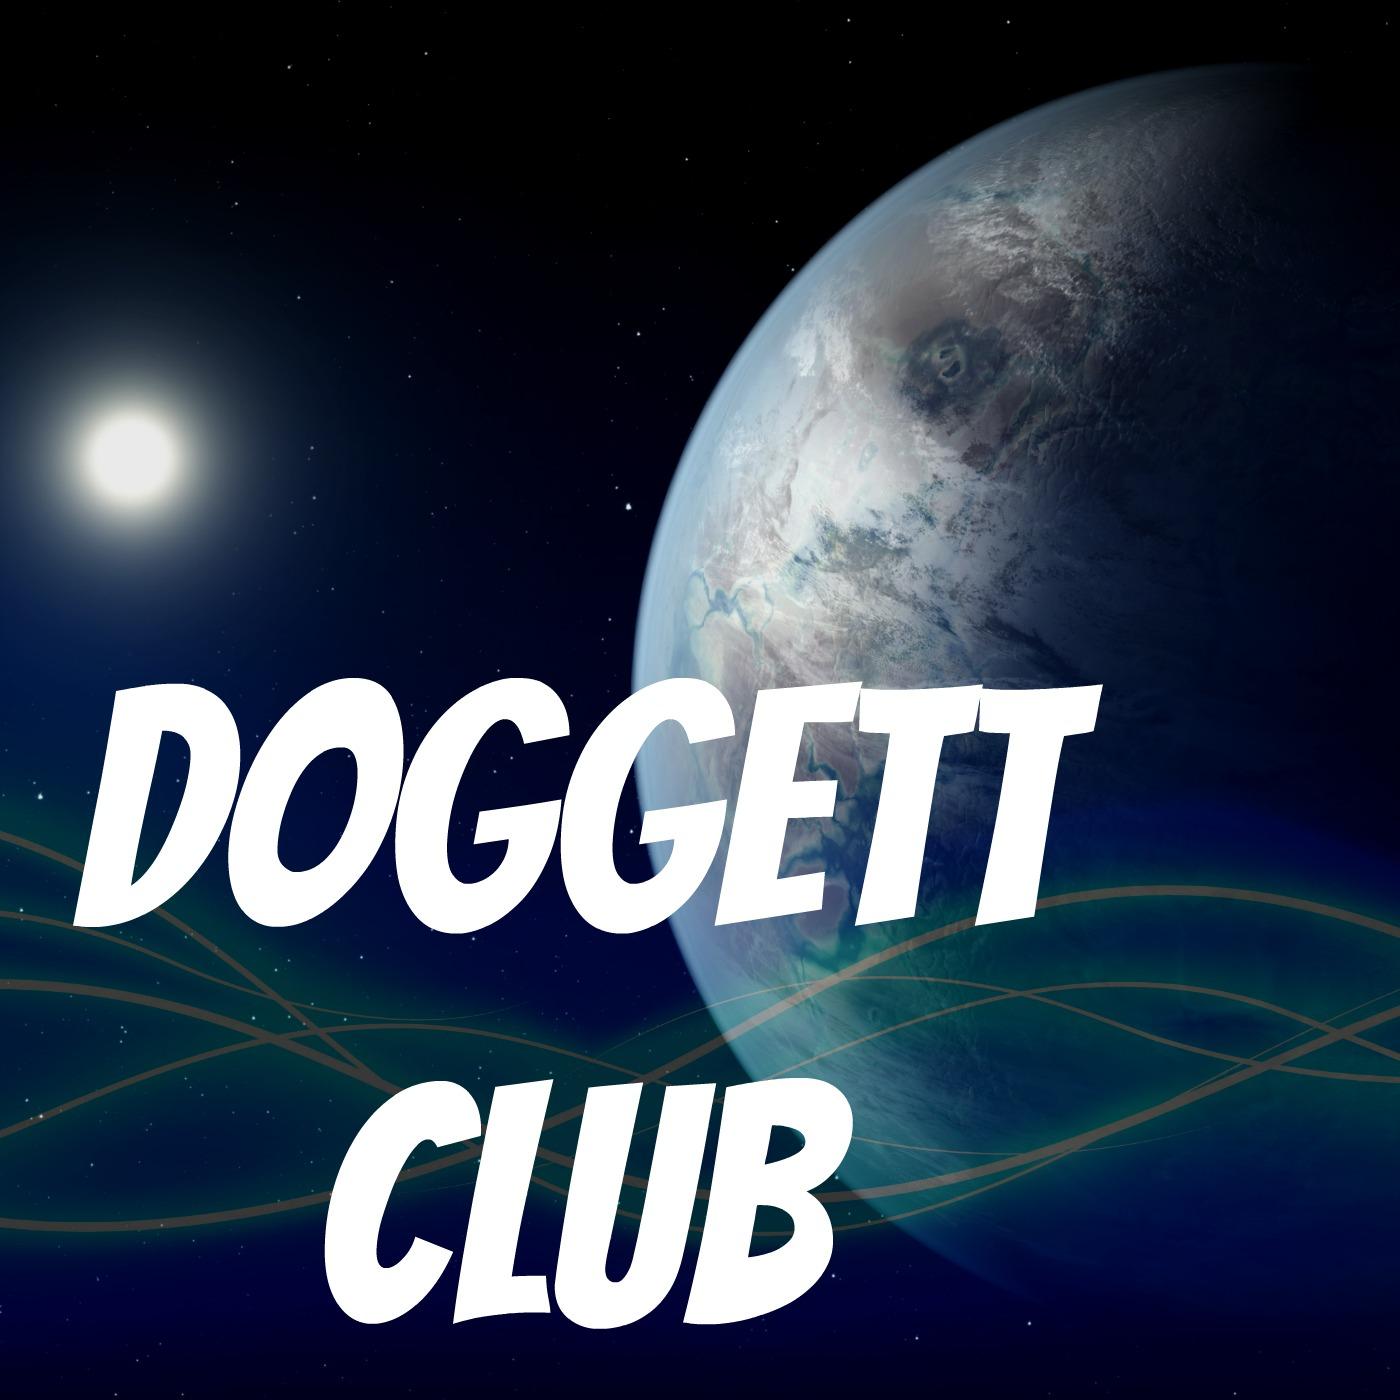 Doggett Club